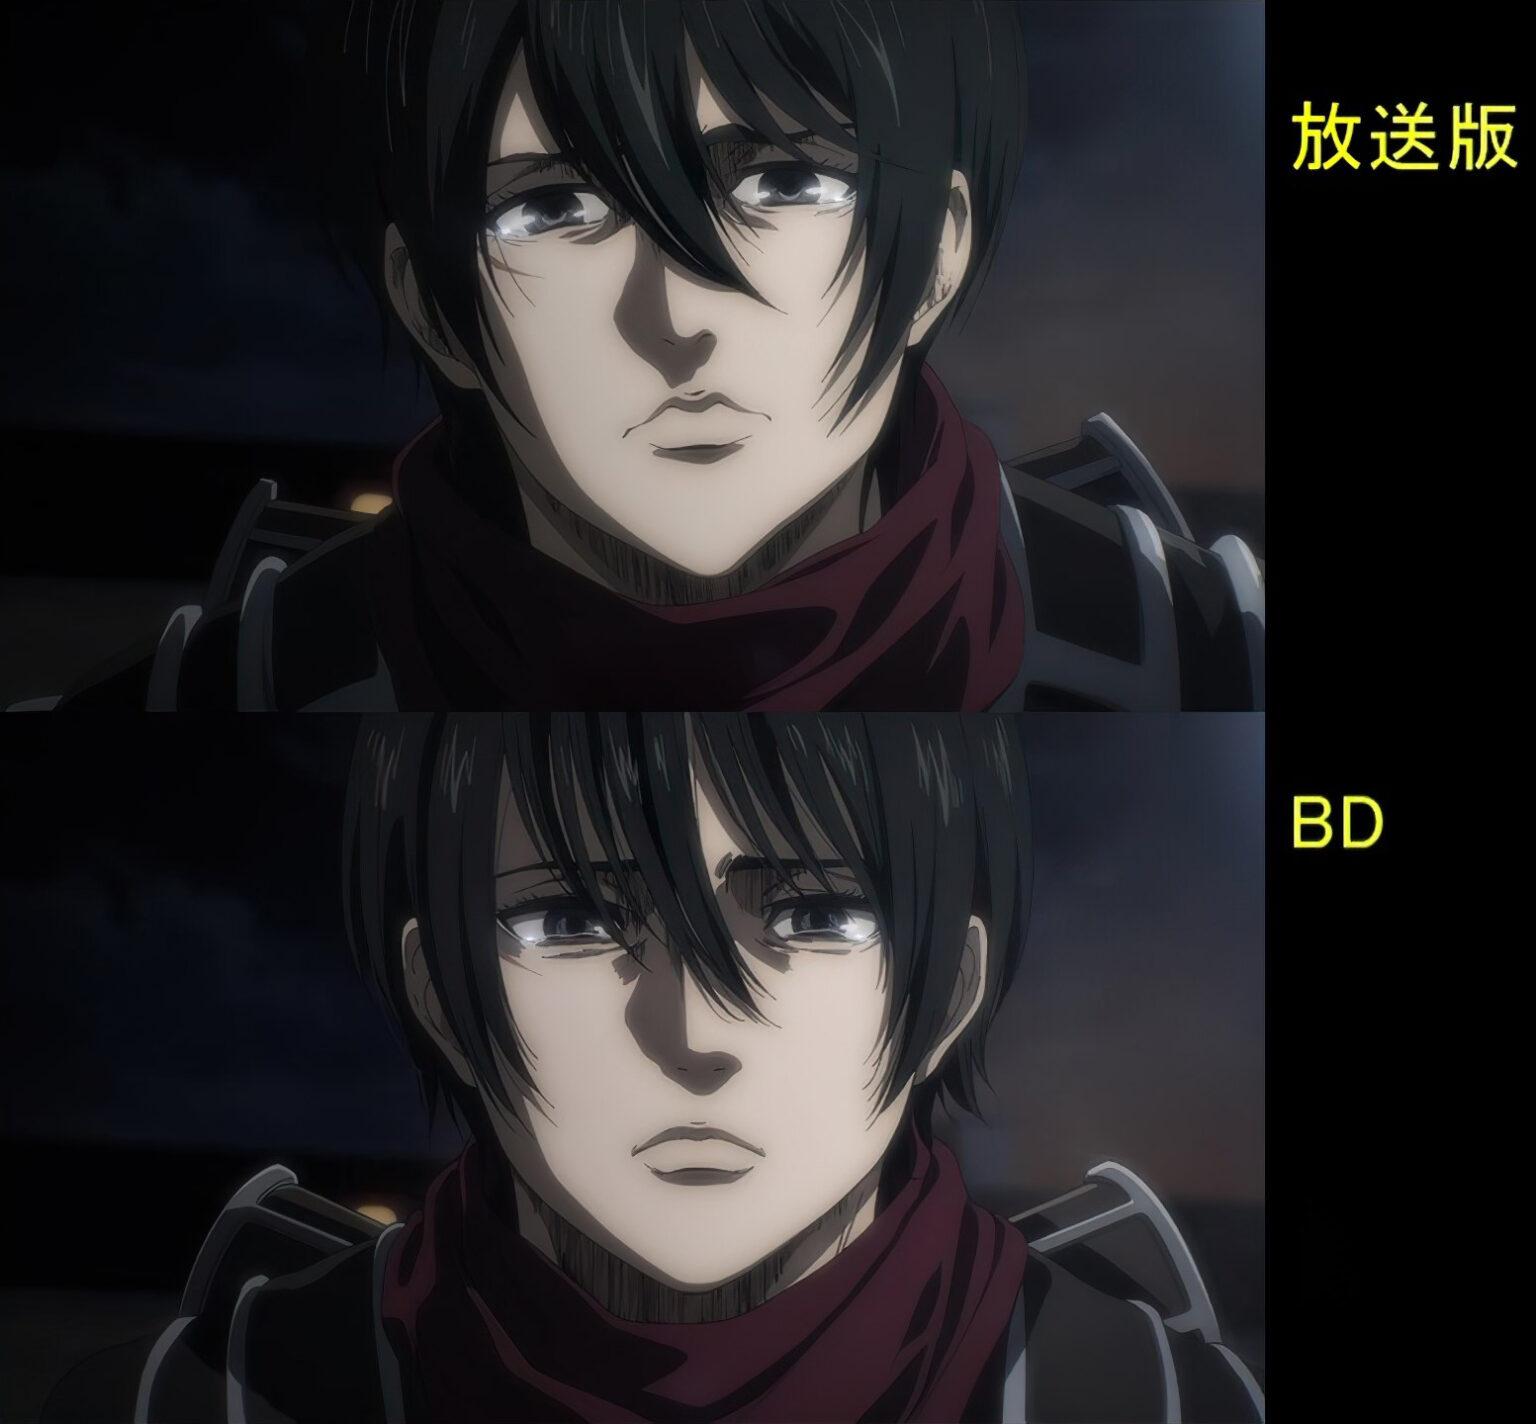 B1 1 1536x1424 - Correções do Anime Shingeki no Kyojin: The Final Season no Blu-ray/DVD.